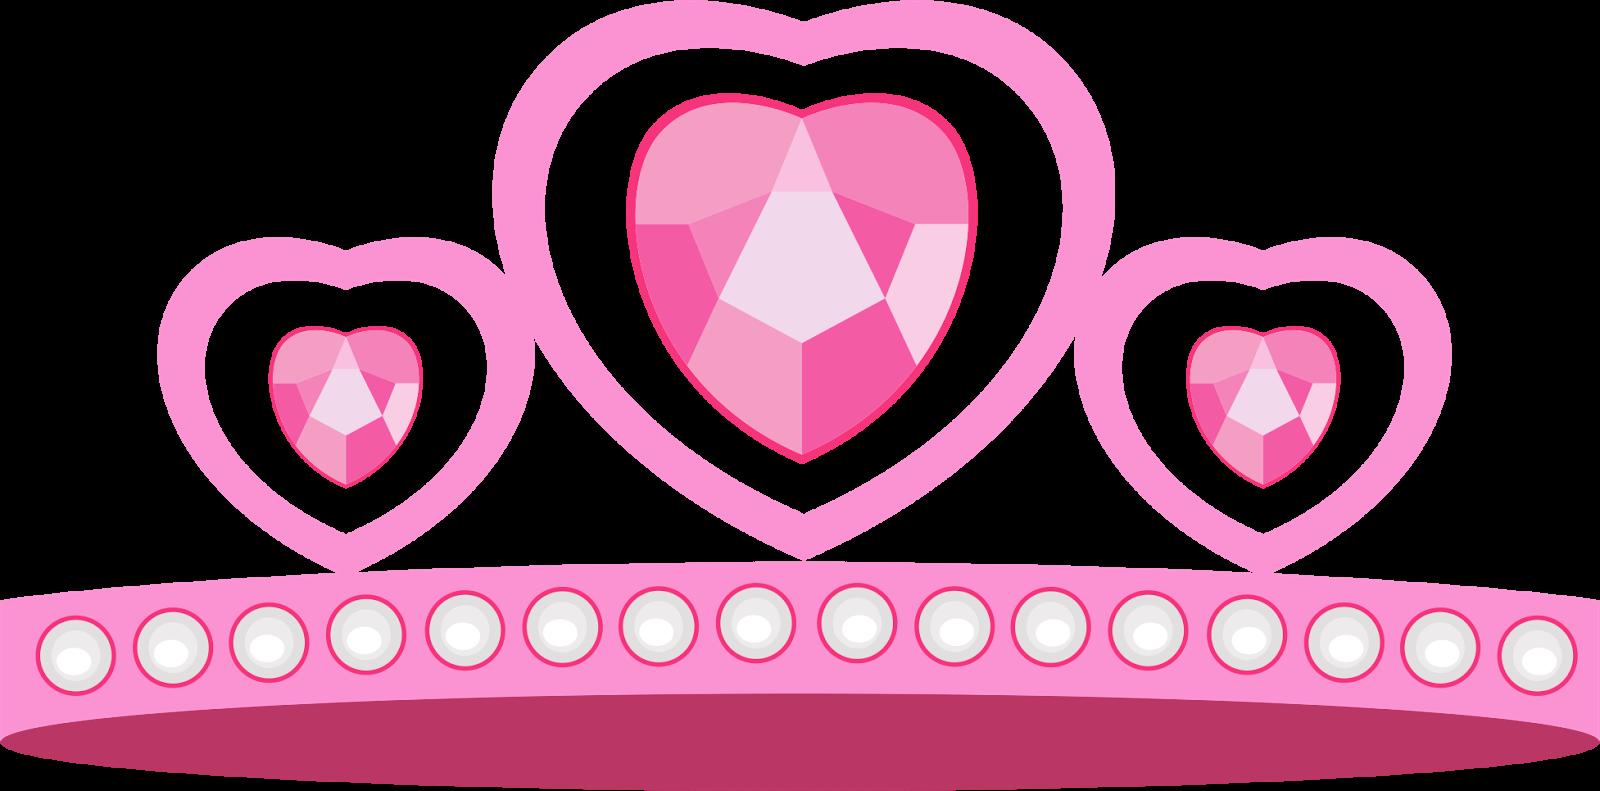 Coroa De Princesa Desenho: Coroa De Princesa Png